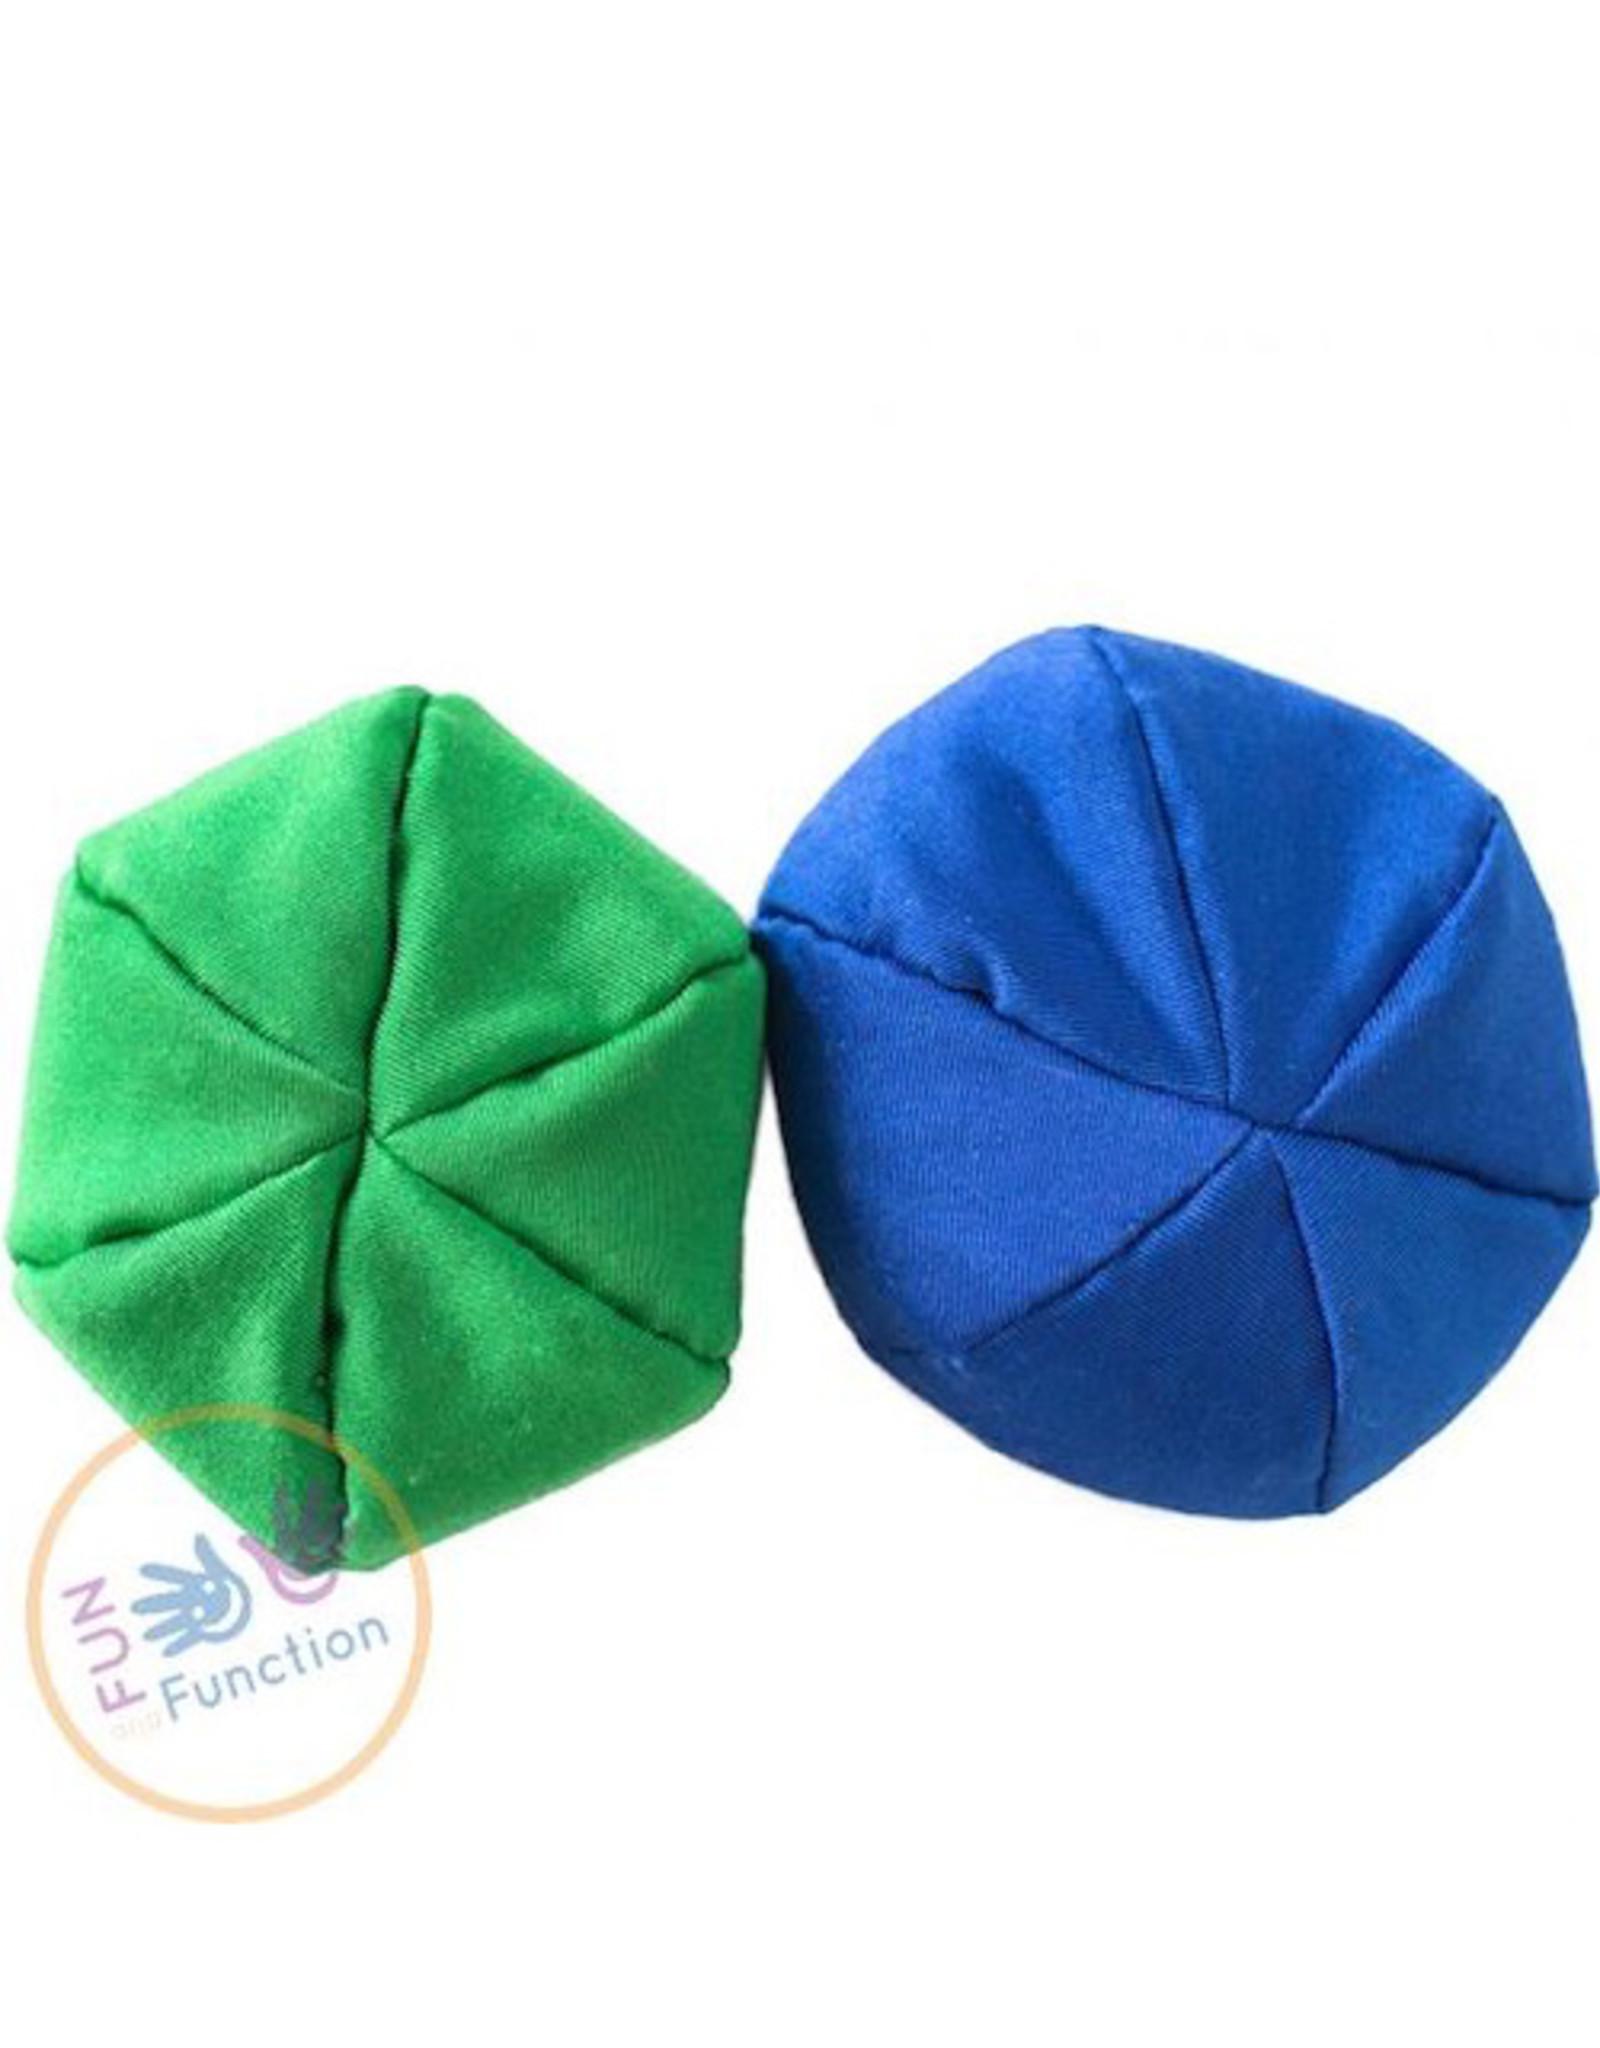 Stressless Fidget Ball- Blue